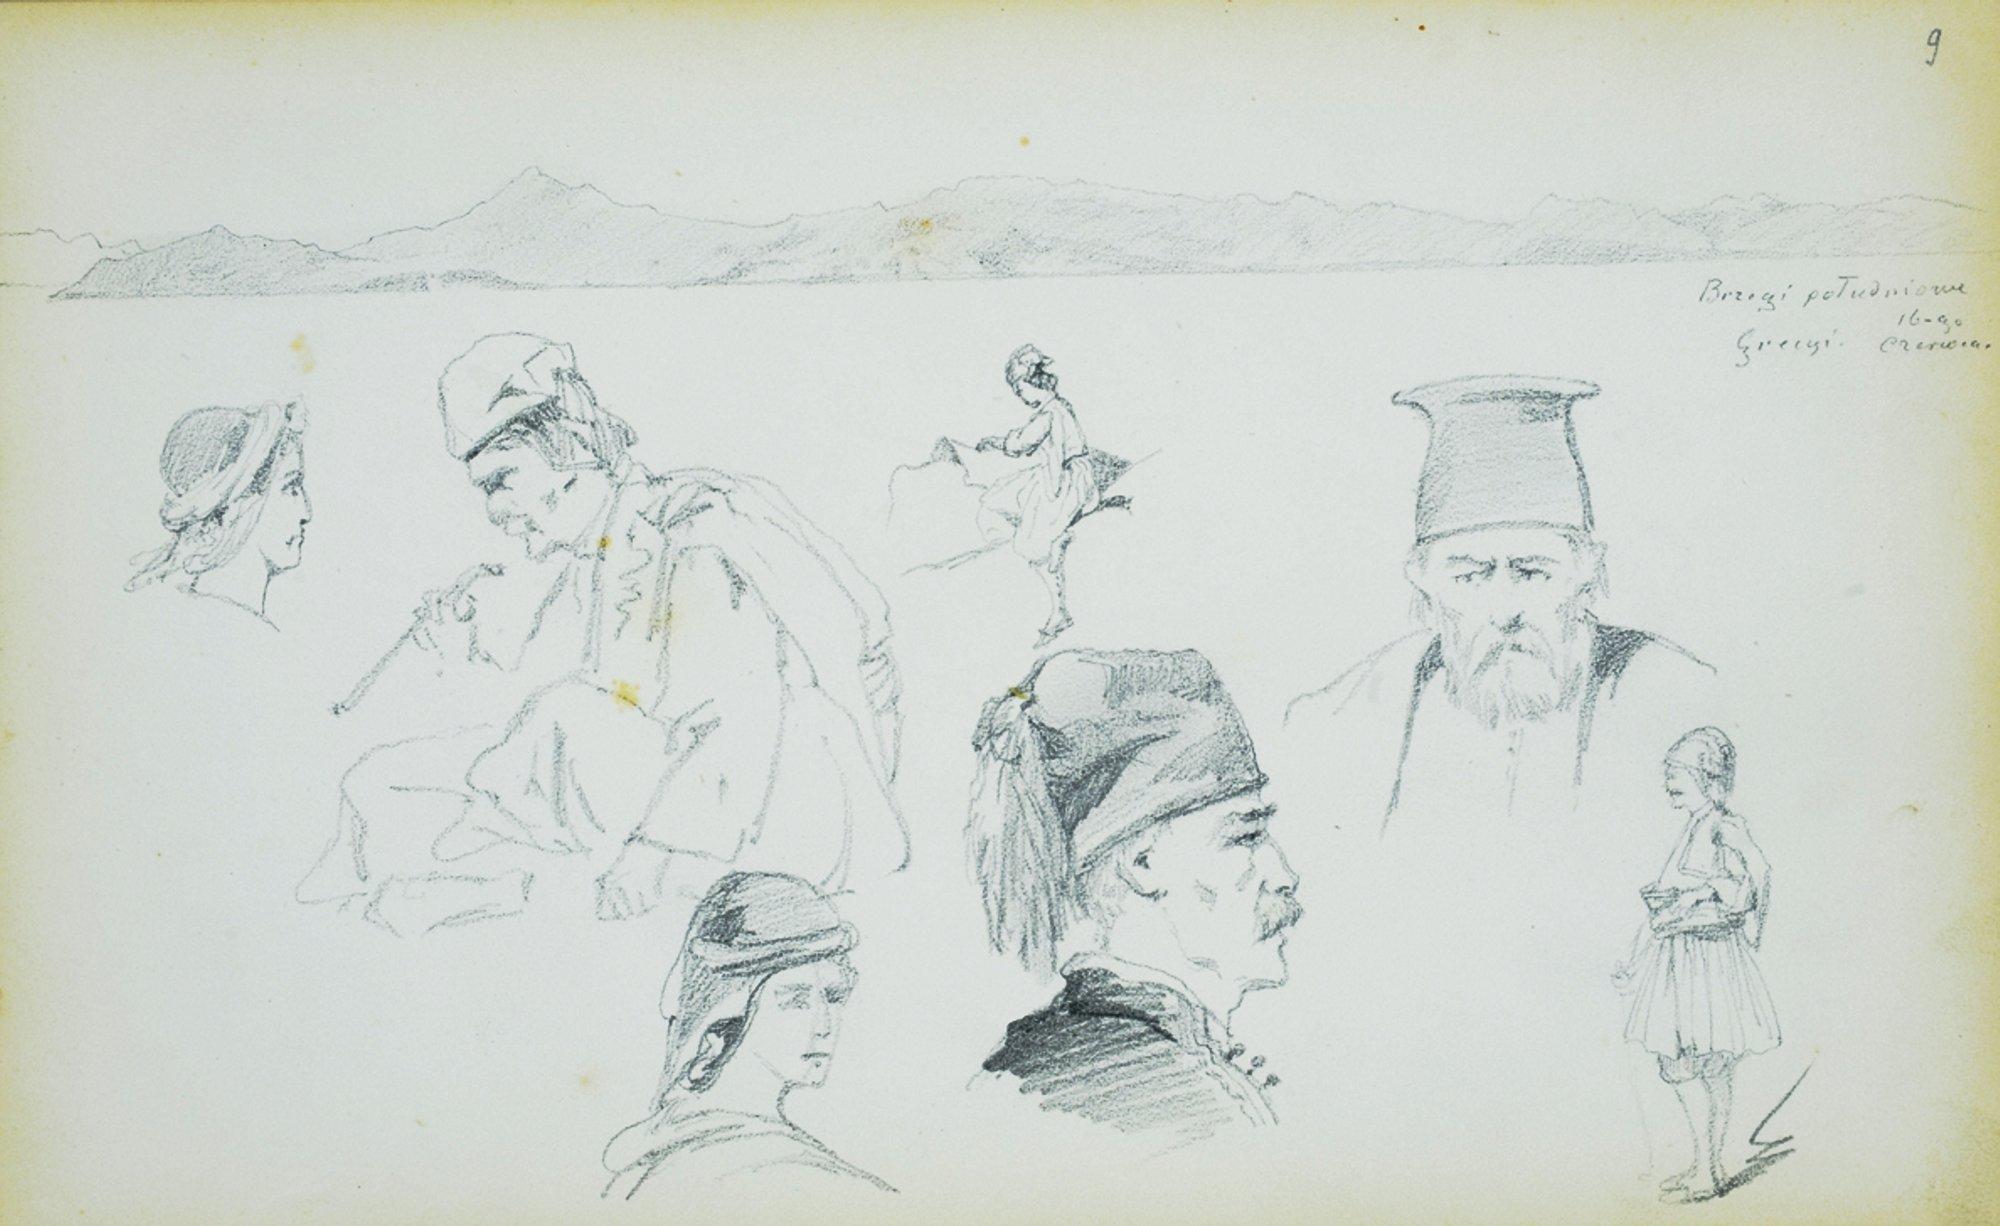 Szkice postaci z pejzażem w tle